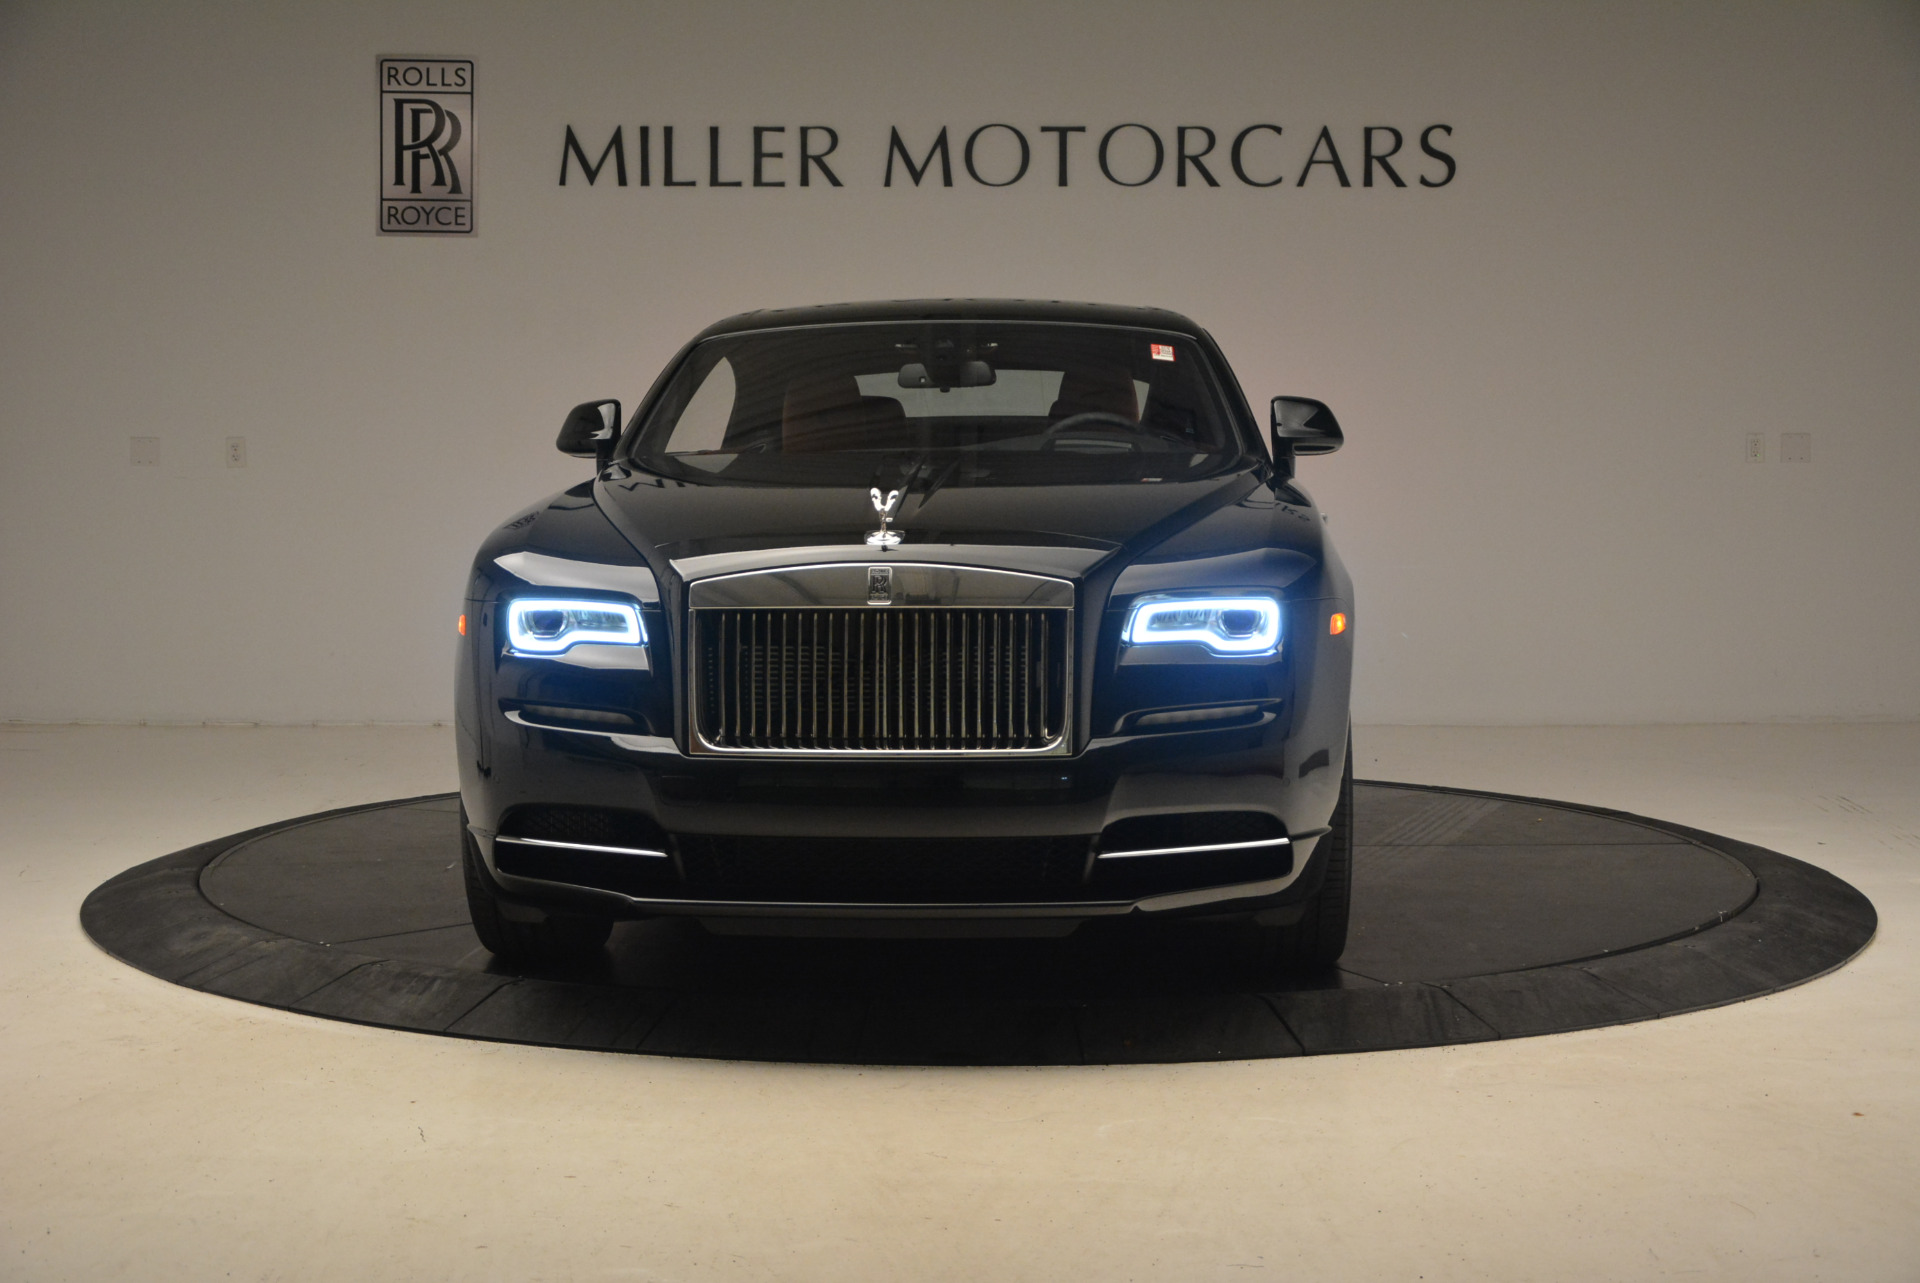 New 2018 Rolls Royce Wraith